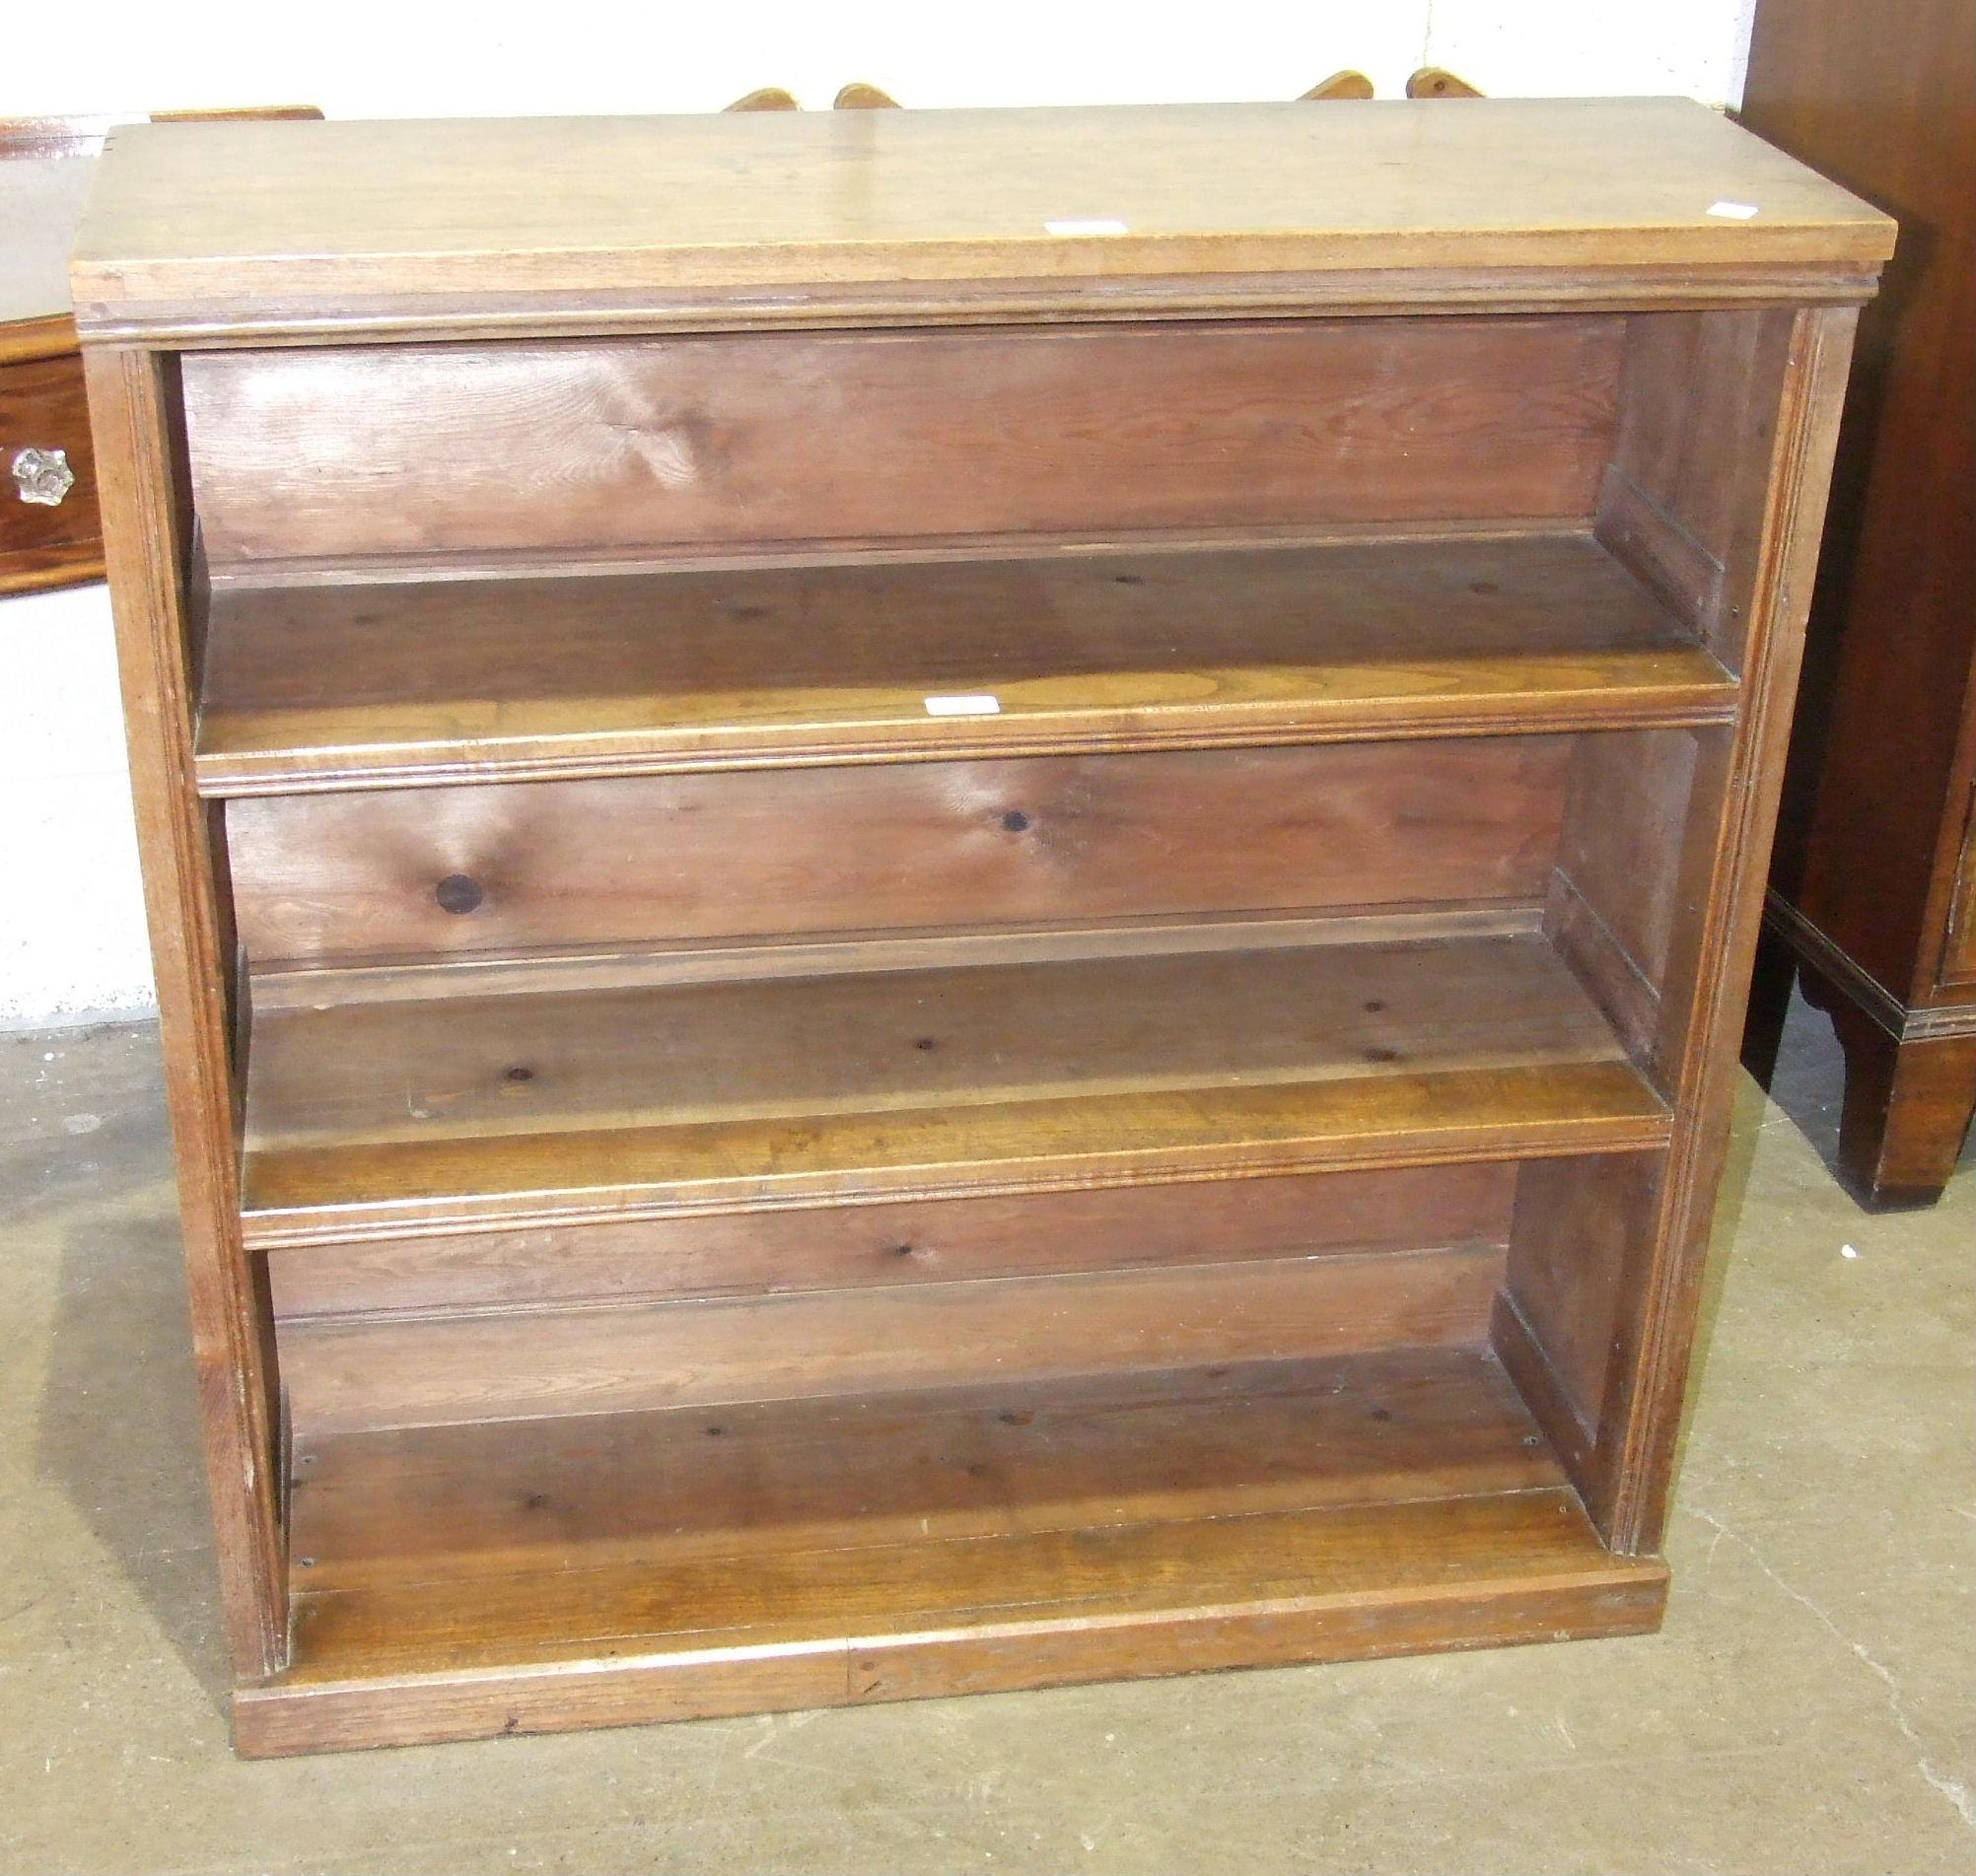 Lot 2 - A walnut freestanding open bookcase, 91cm wide, 93cm high, 30cm deep.